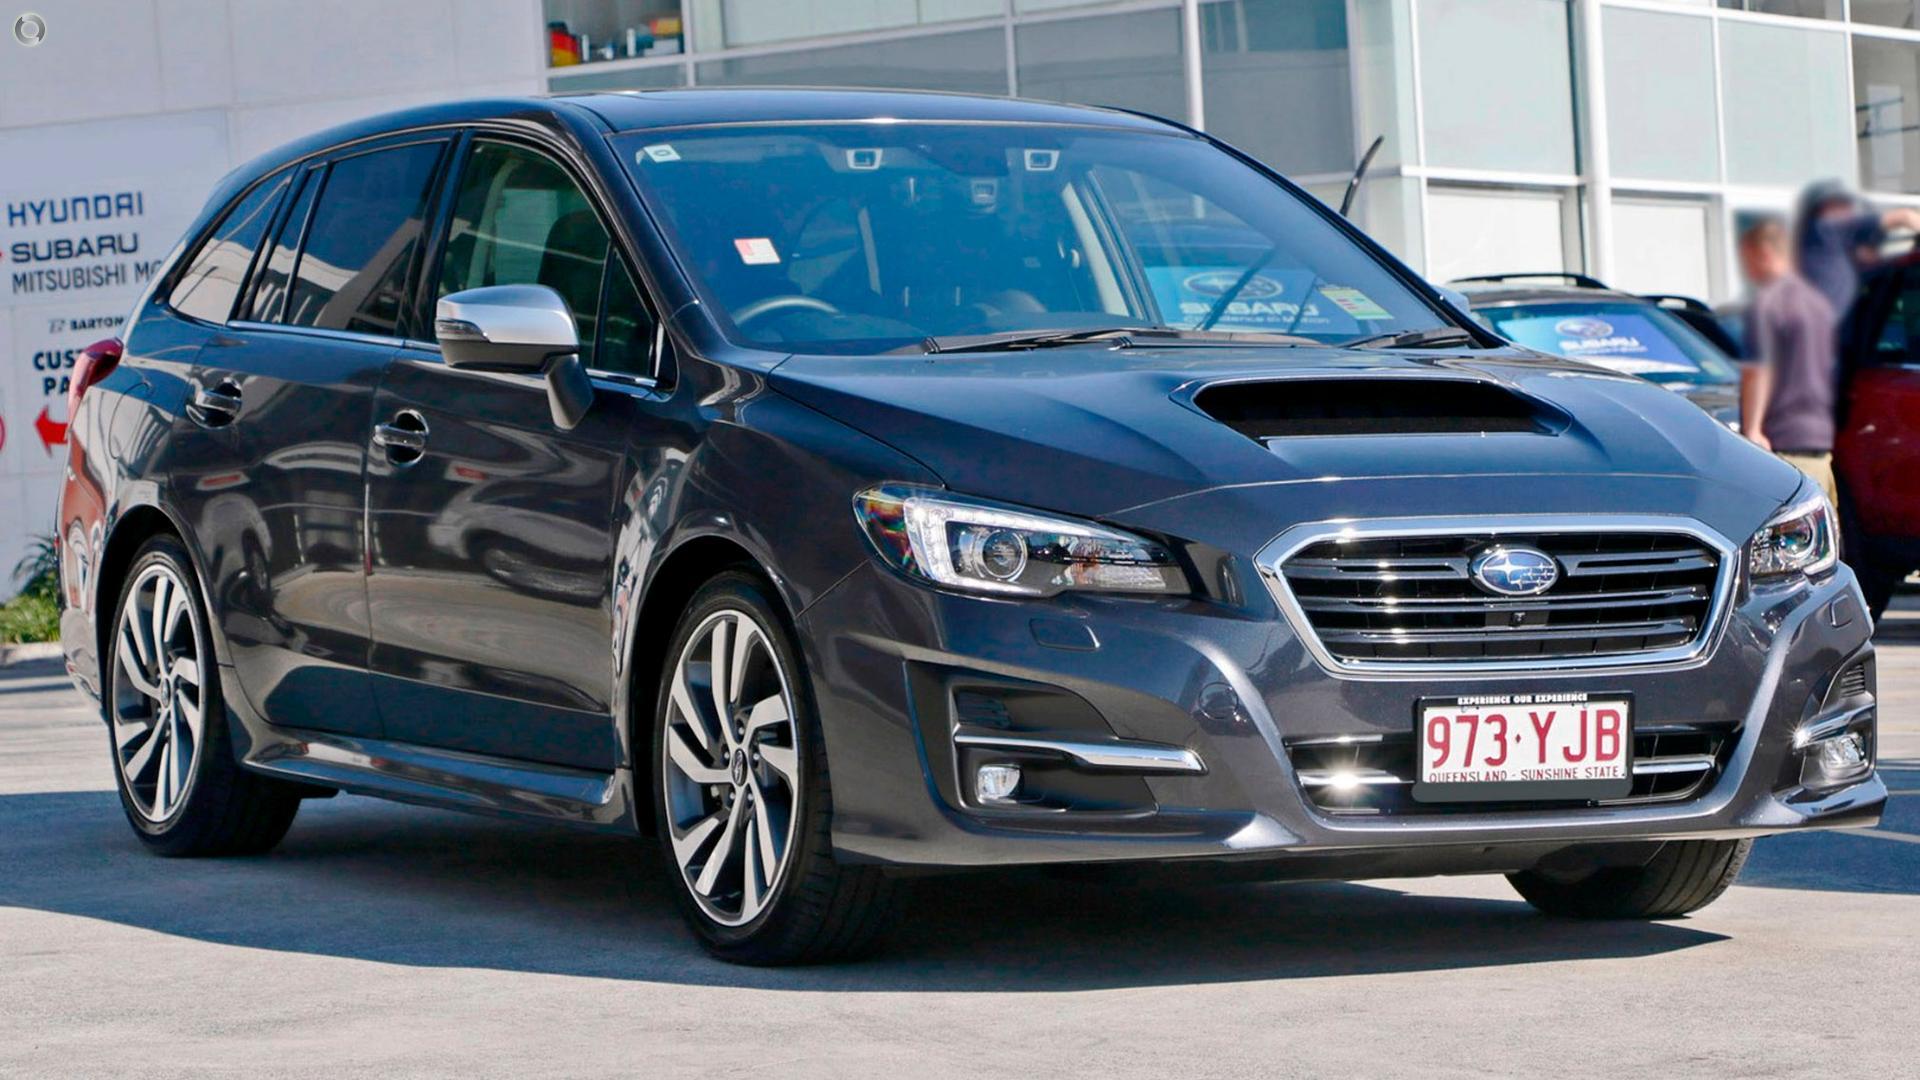 2018 Subaru Levorg 1.6 Gt Premium